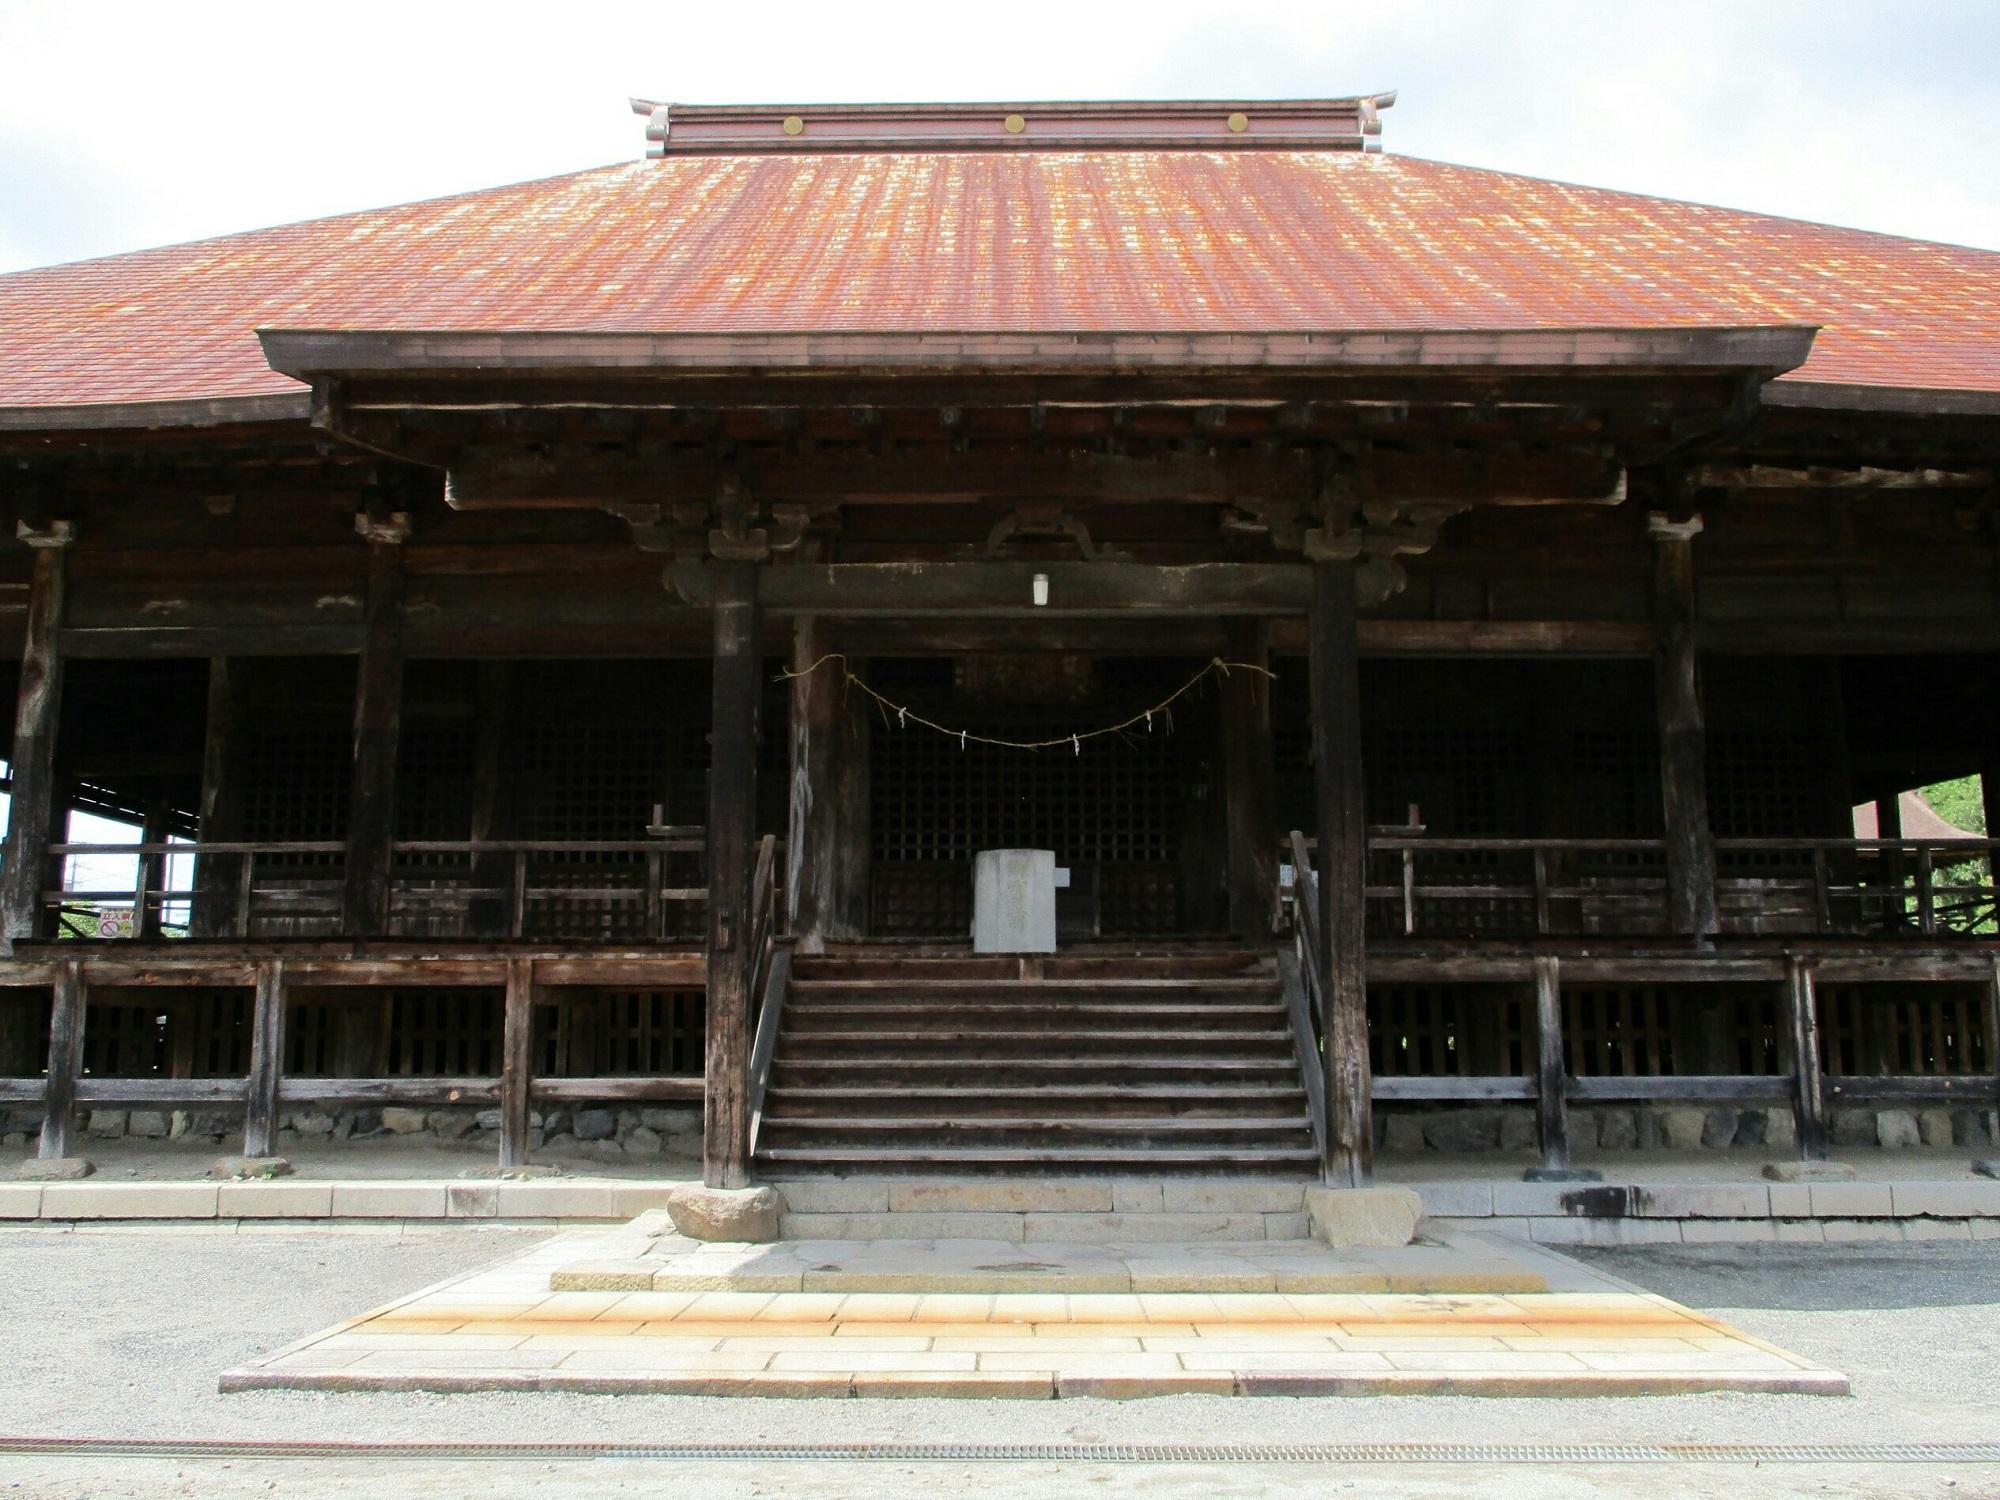 2018.6.7 みたけ (95) 願興寺 - 本堂 2000-1500